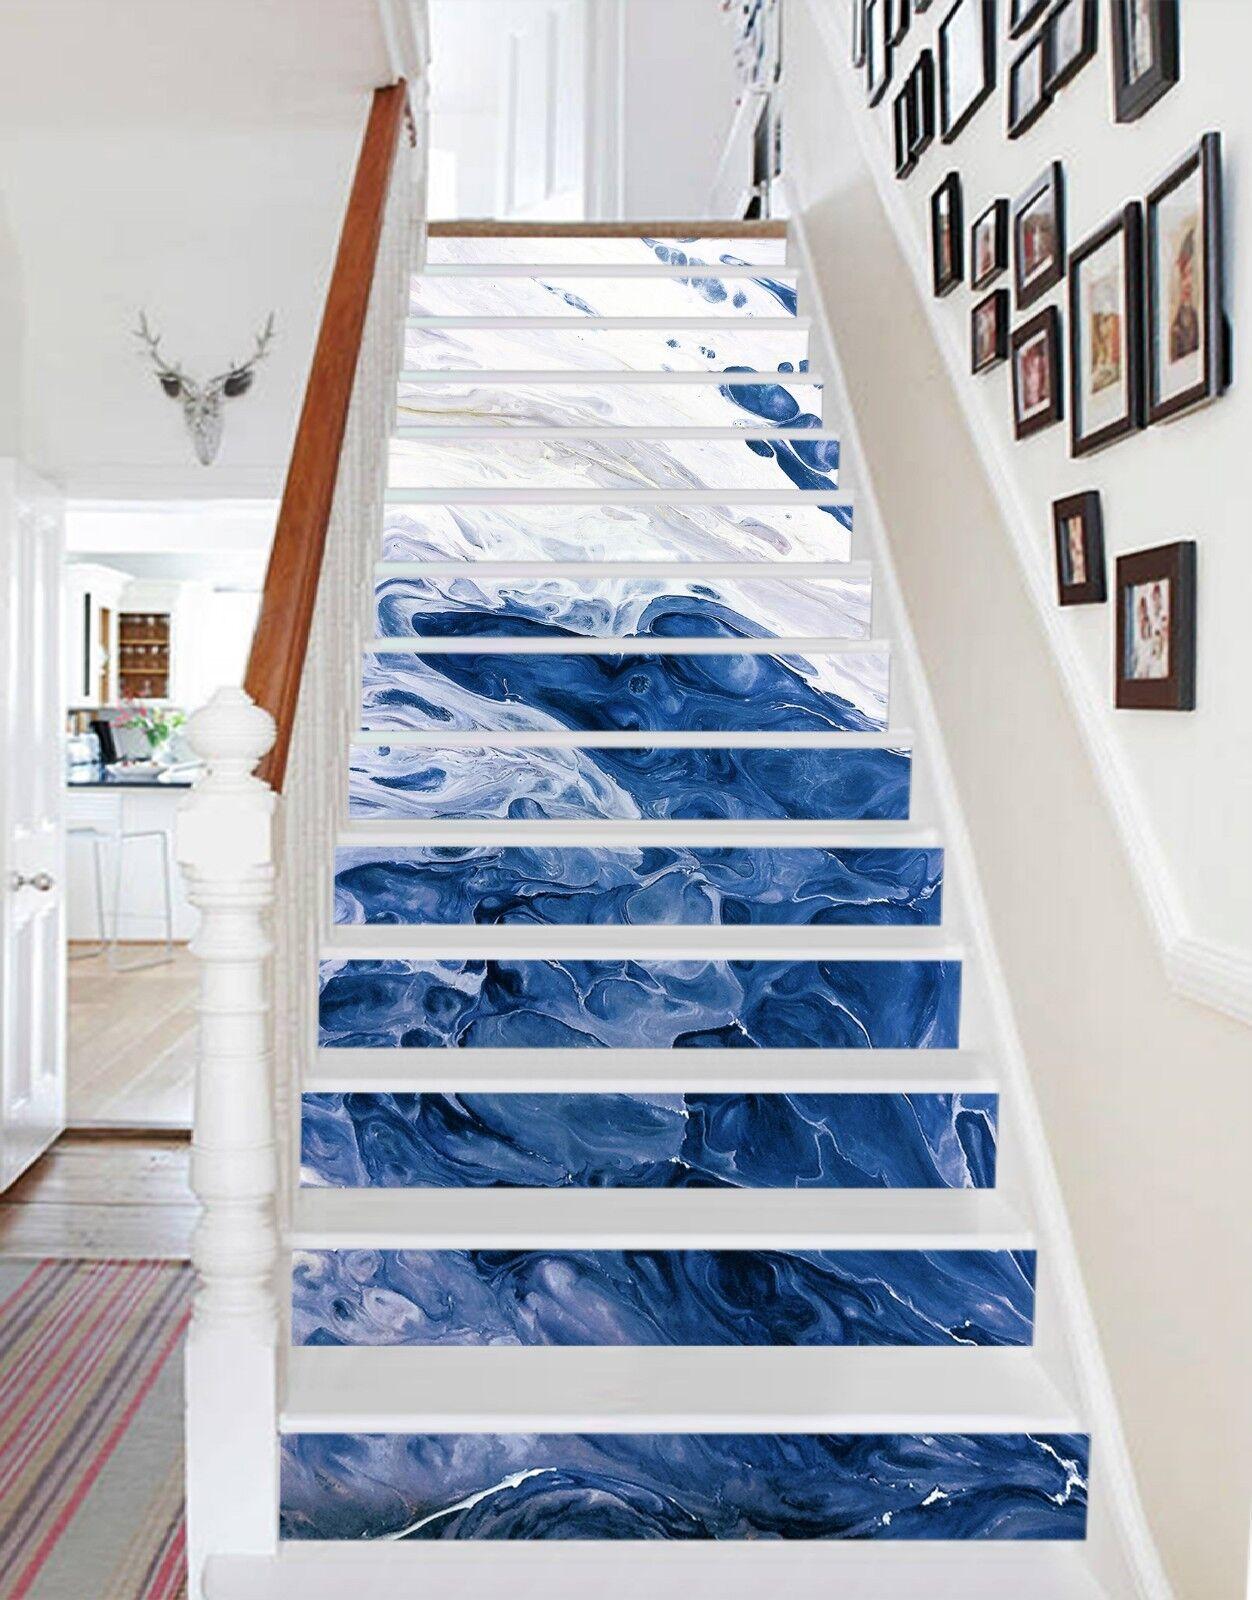 3D Blanc Peinture Bleu 1 Carrelage Marbre contremarches Décoration Murale Vinyle Papier Peint